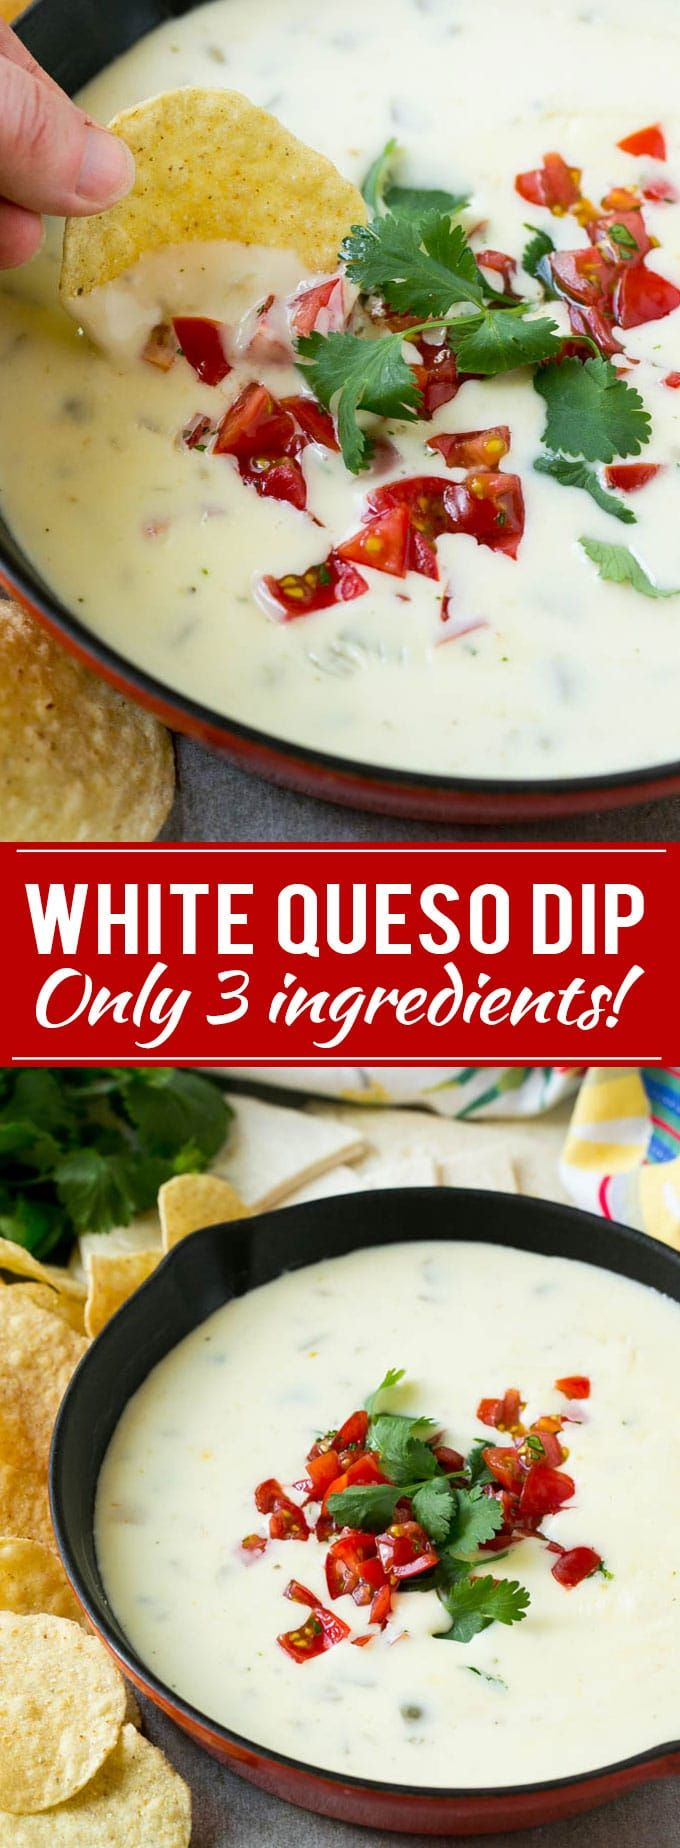 White Queso Dip Recipe | Mexican Cheese Dip | Queso Blanco Recipe